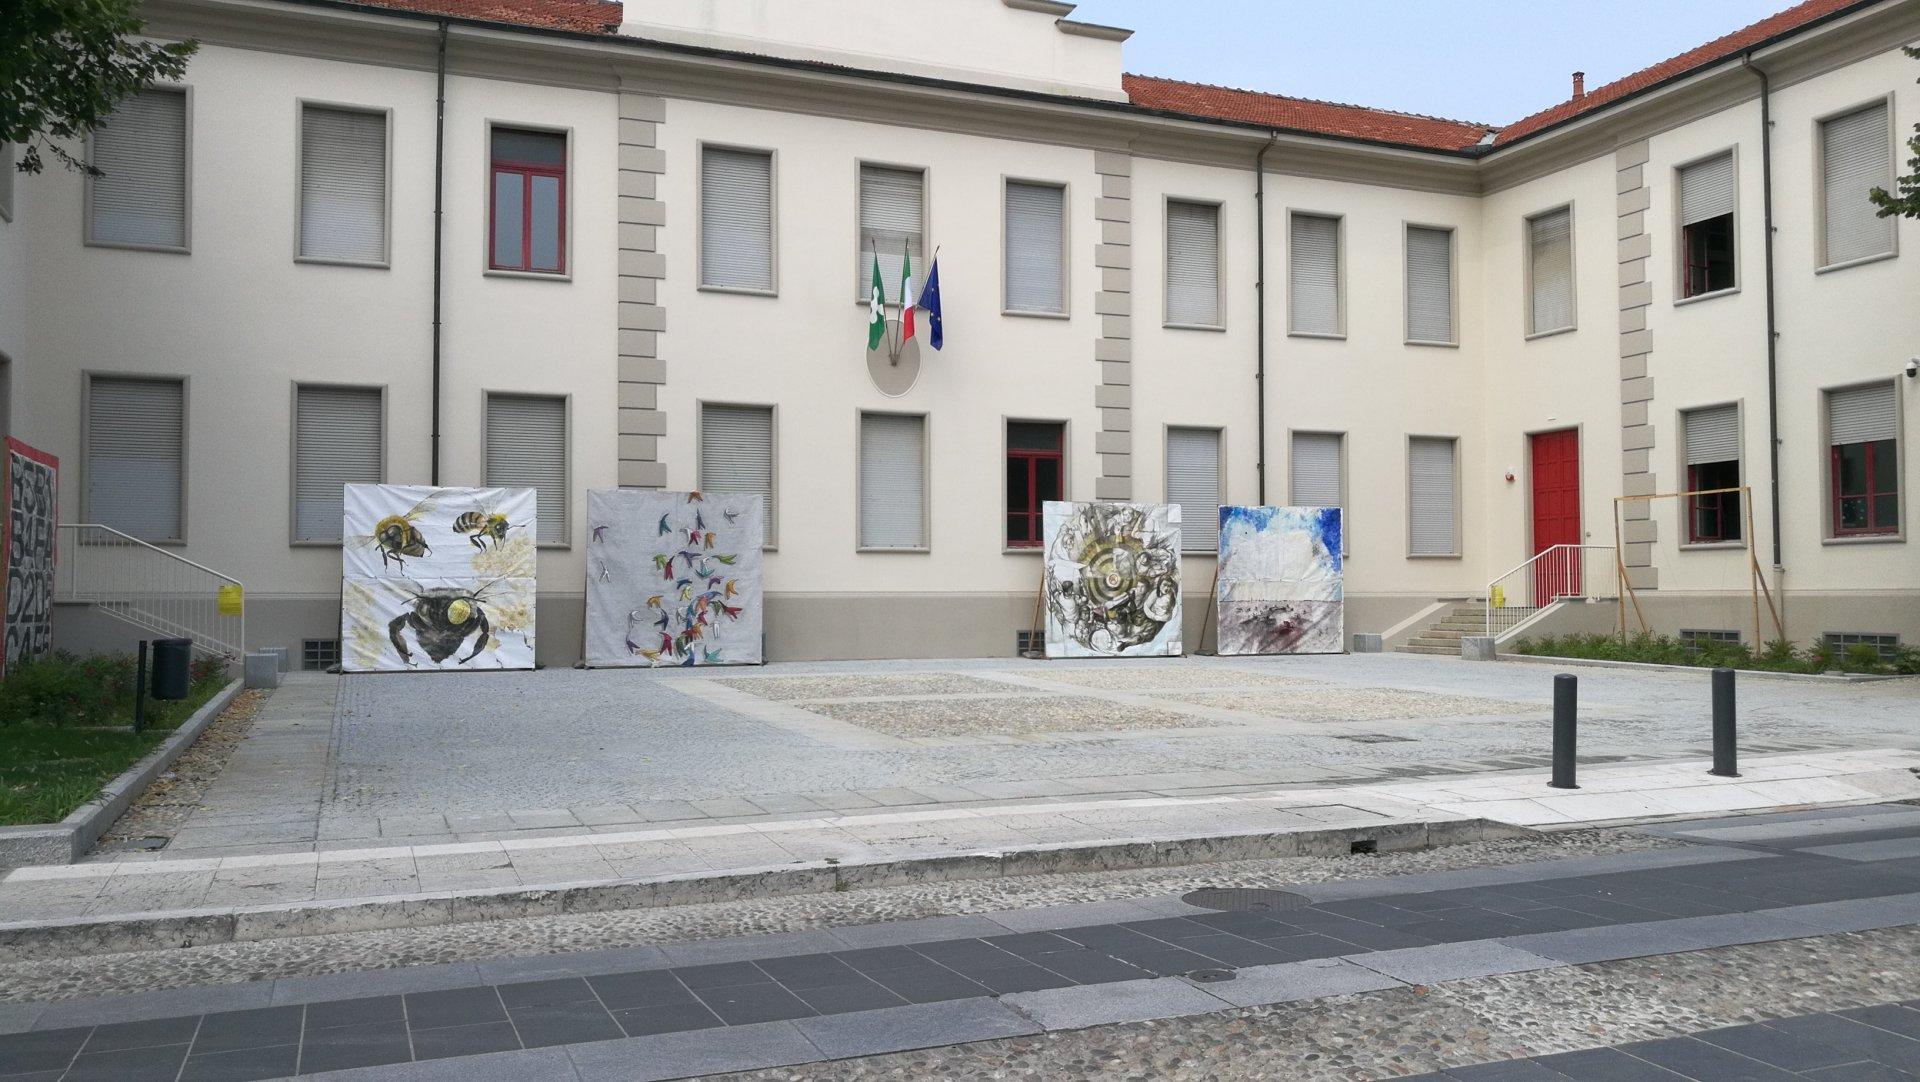 Vincenzo Rinaldi Nova Milanese opere all'asta per aiutare caritas e san vincenzo - prima monza